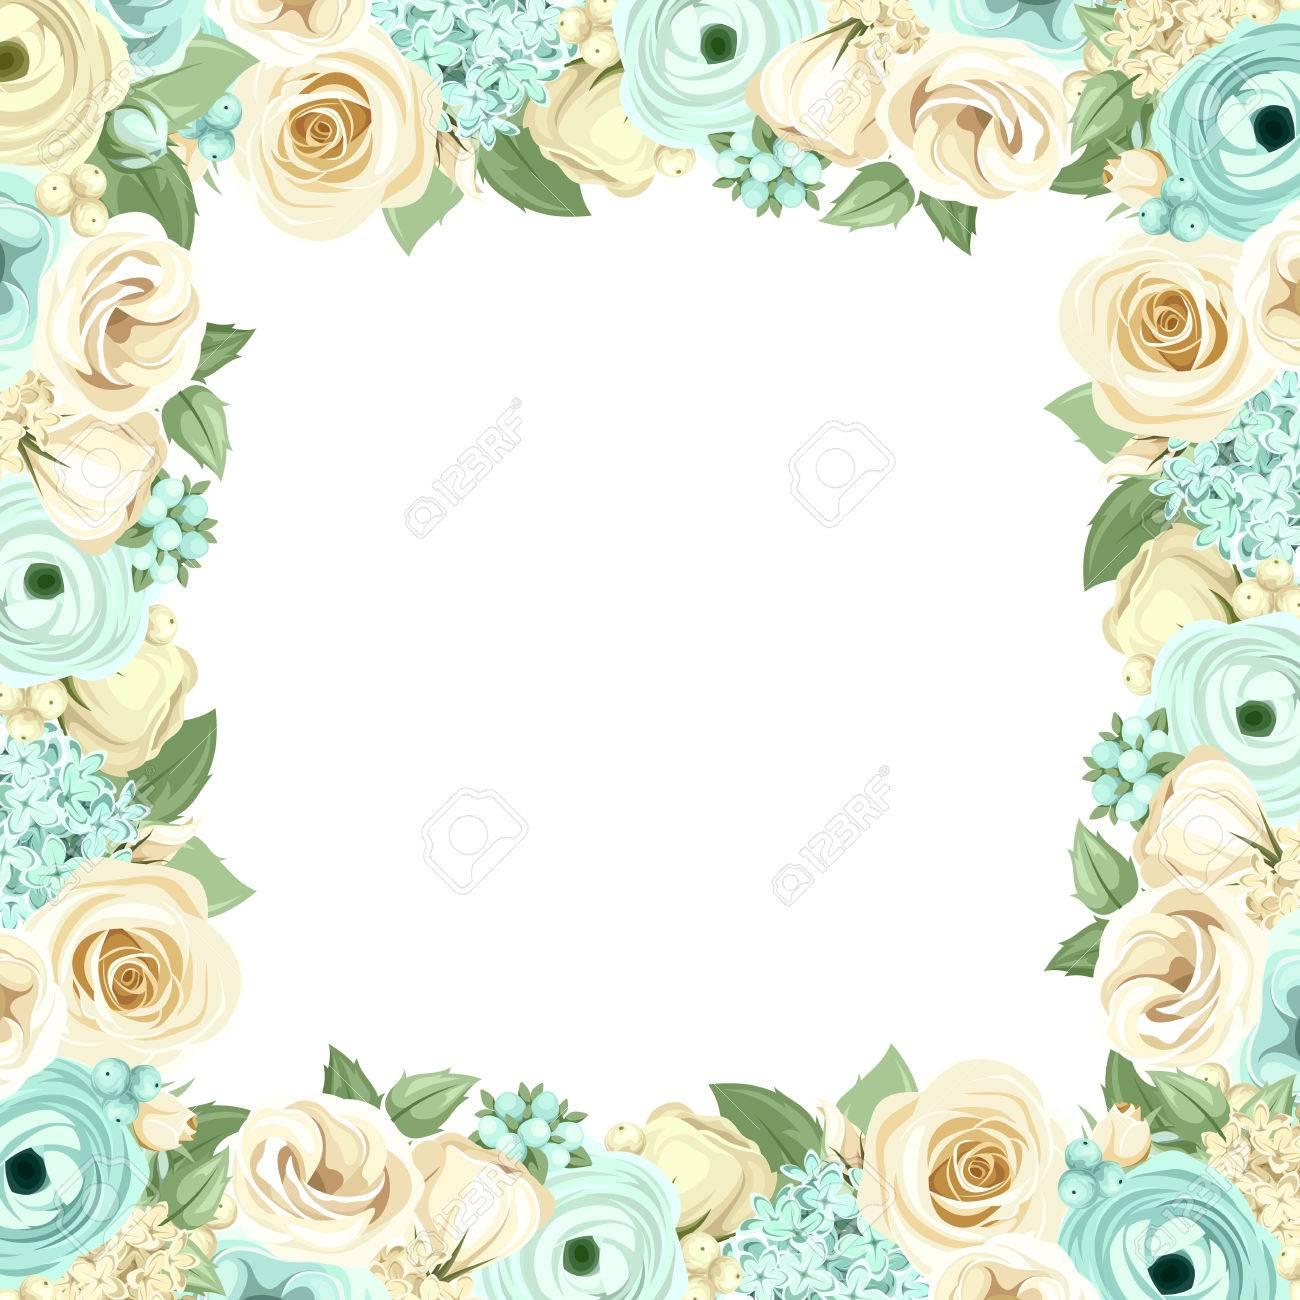 Marco Del Vector Con Las Rosas Azules Y Blancas Lisianthuses